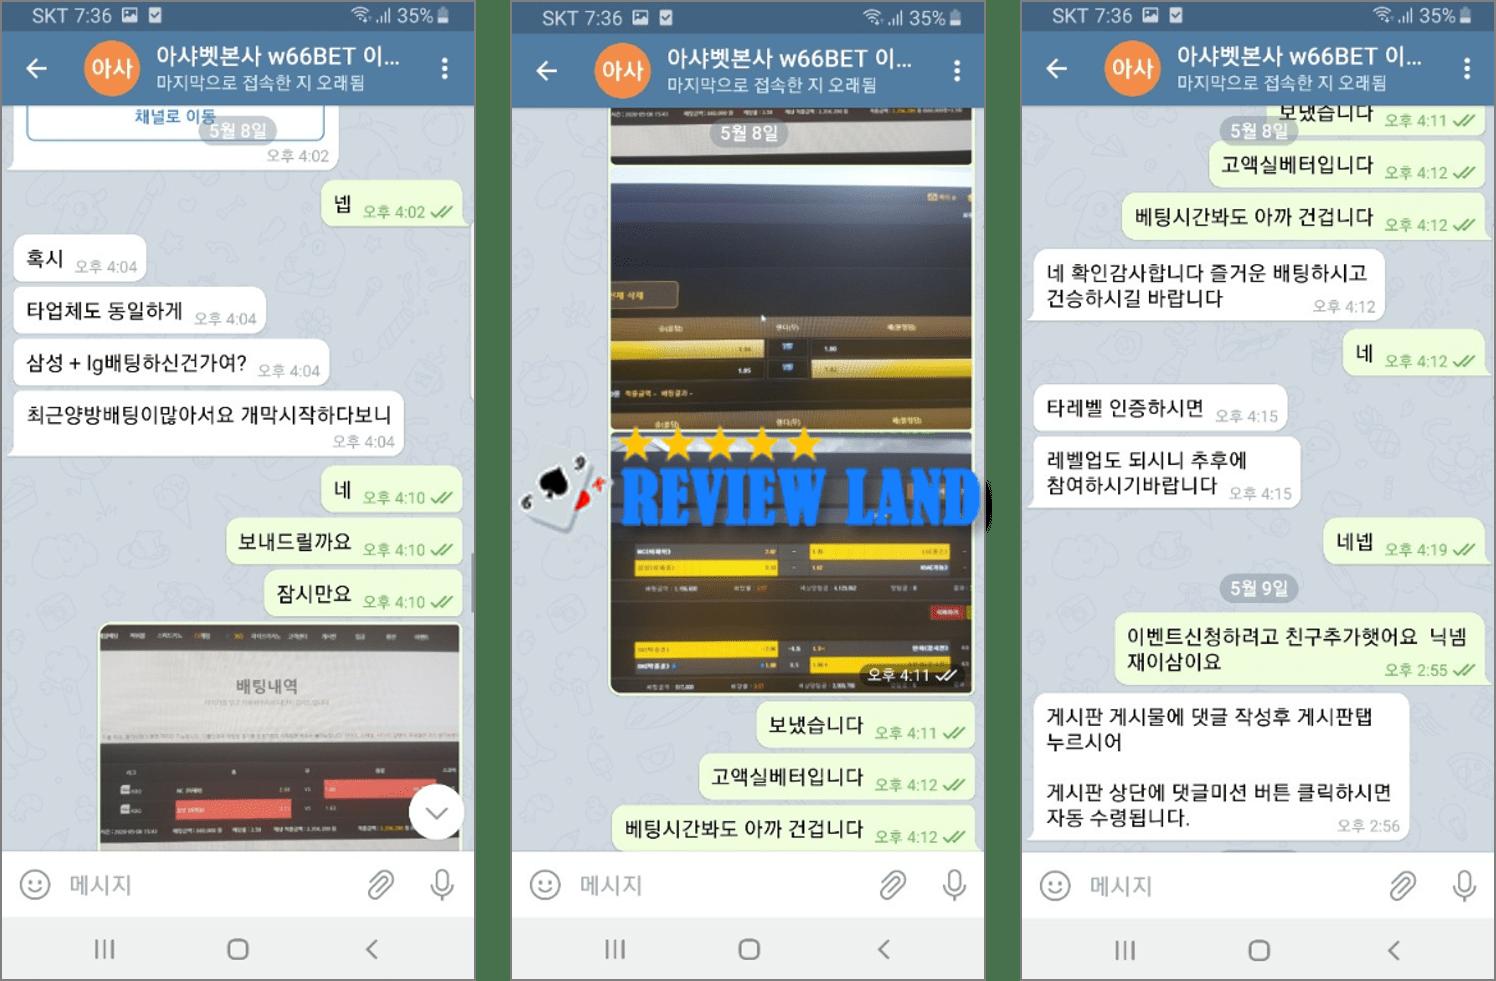 아샤벳 먹튀 사이트 리뷰 bo-fgh.com